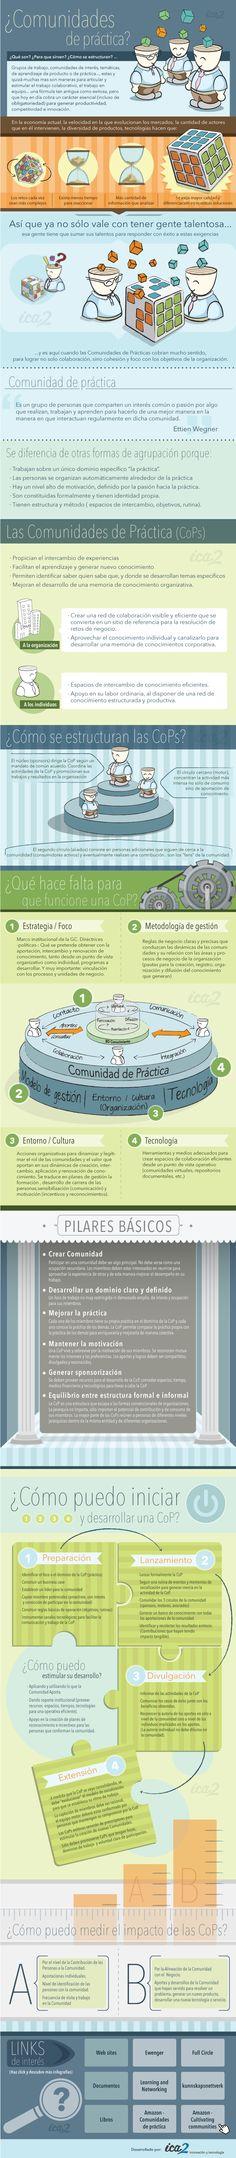 ¿Comunidades de práctica en educación? http://villaves56.blogspot.com.es/2012/03/comunidades-de-practicas-en-educacion.html (via @juleniturbe)